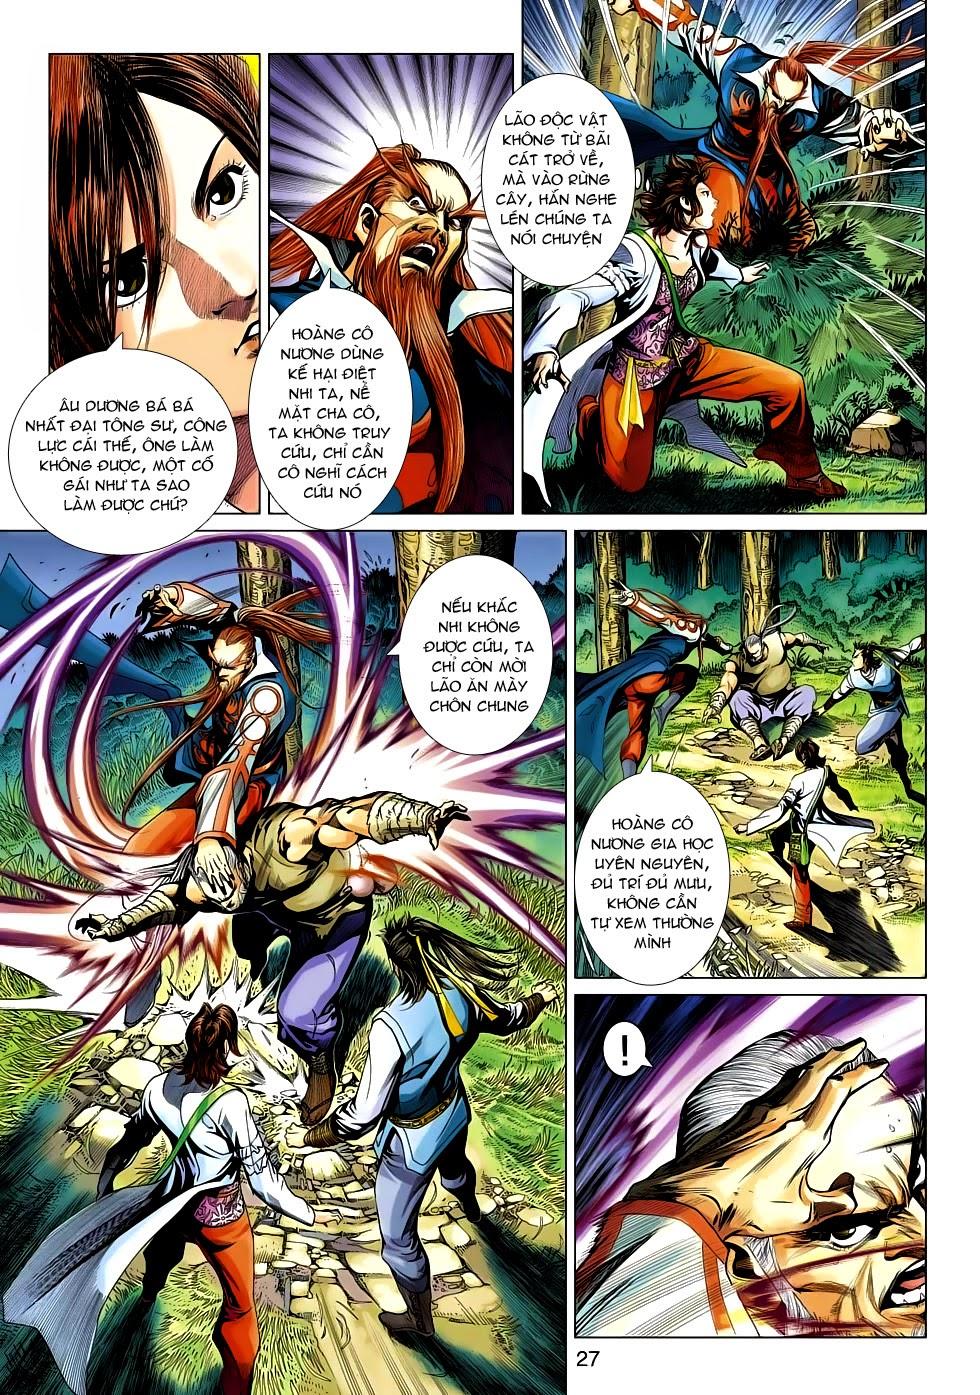 Anh Hùng Xạ Điêu anh hùng xạ đêu chap 54: kiếp hậu dư sinh thiến nữ kỳ mưu trang 27